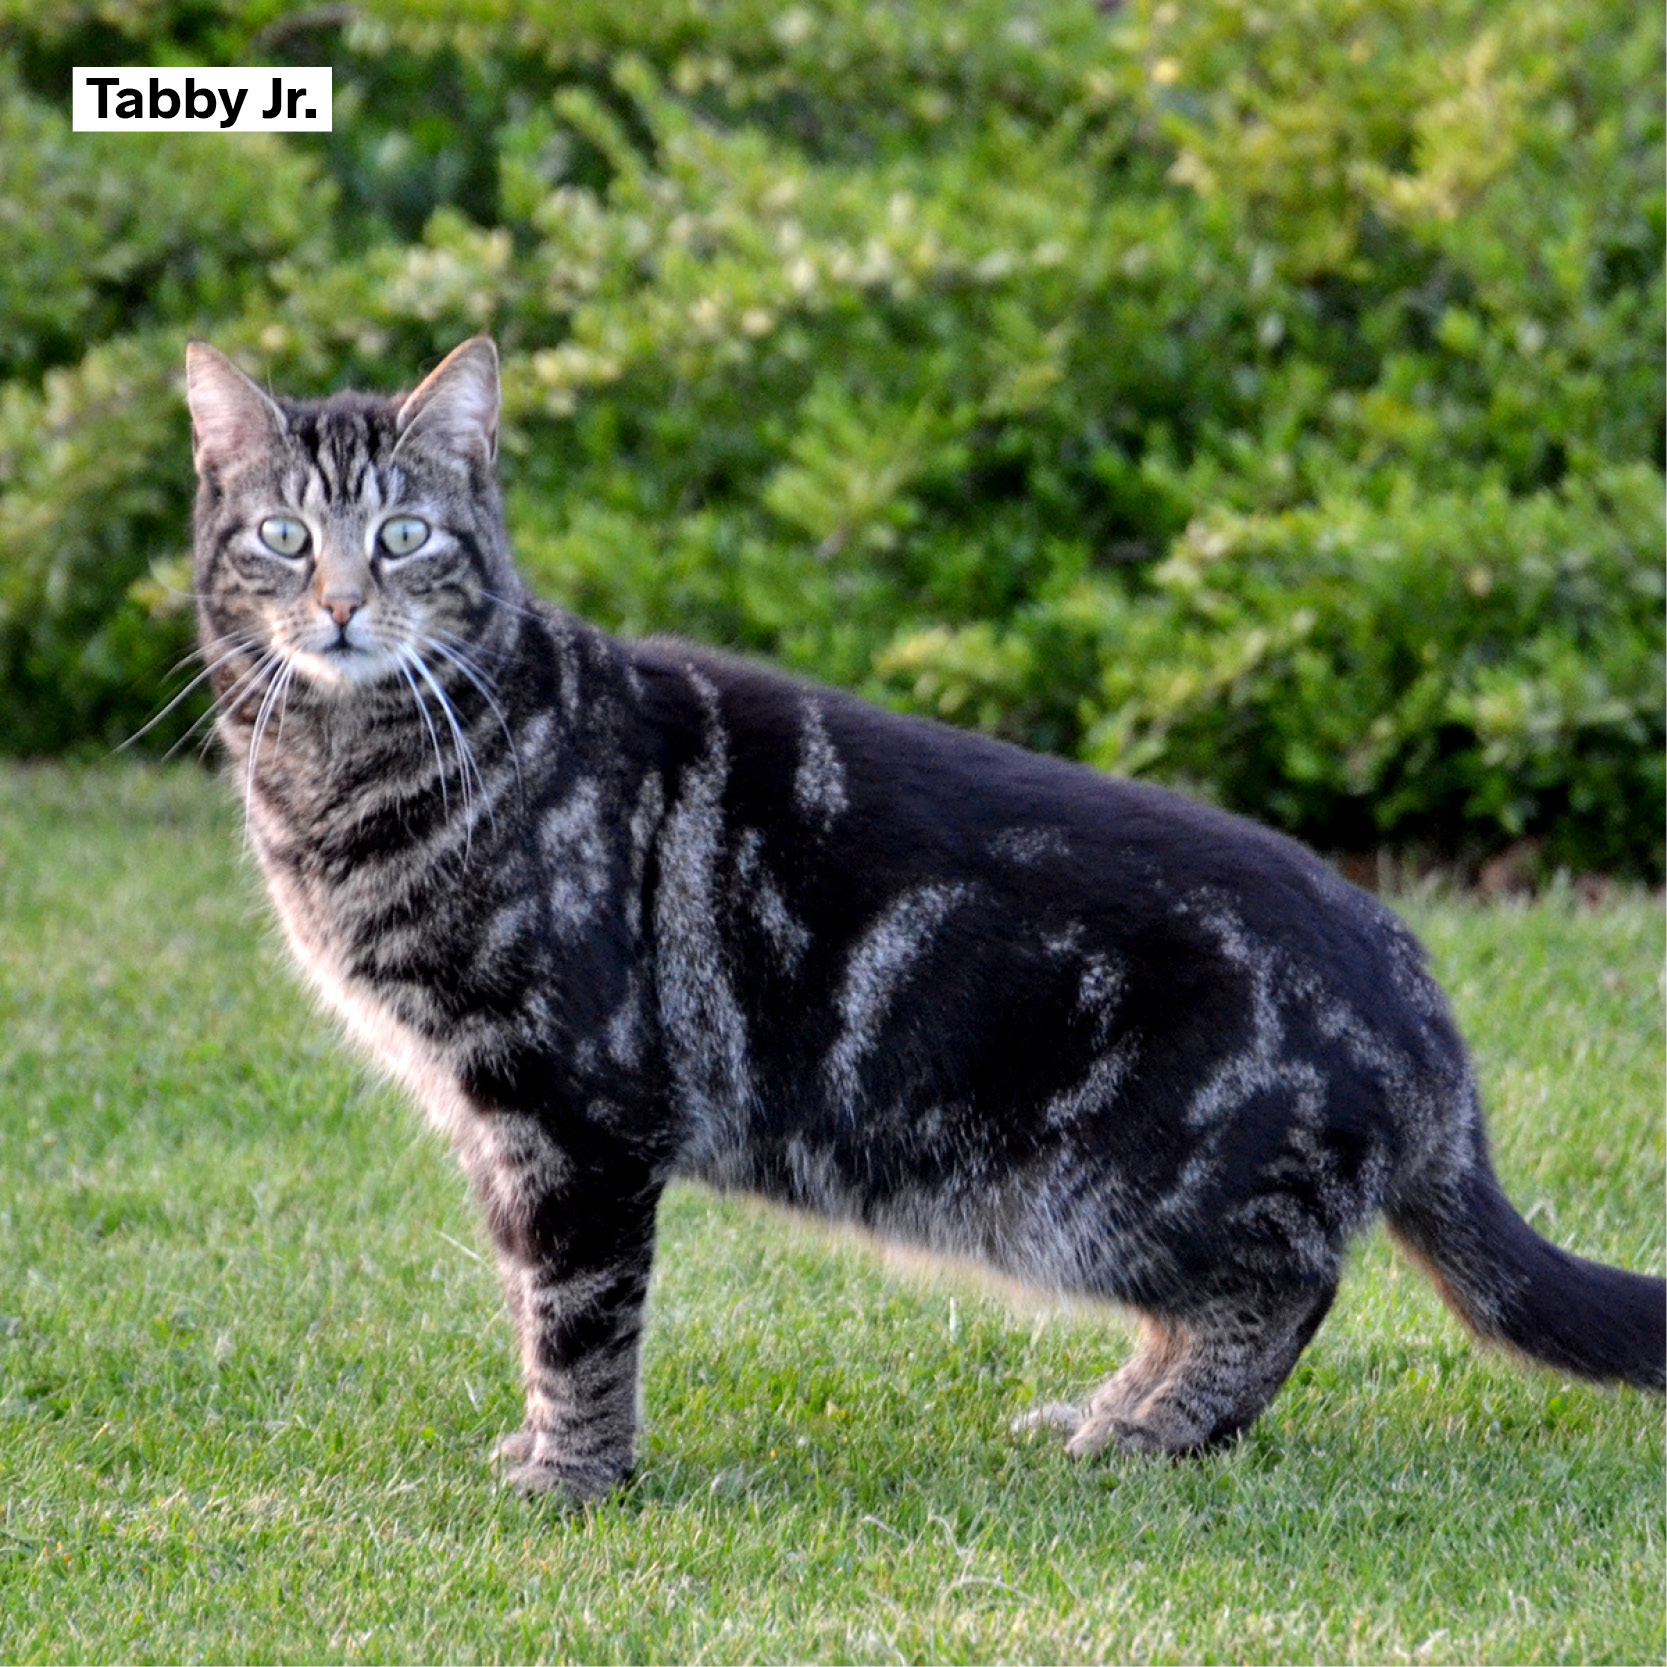 meter_peter_58 Tabby jr